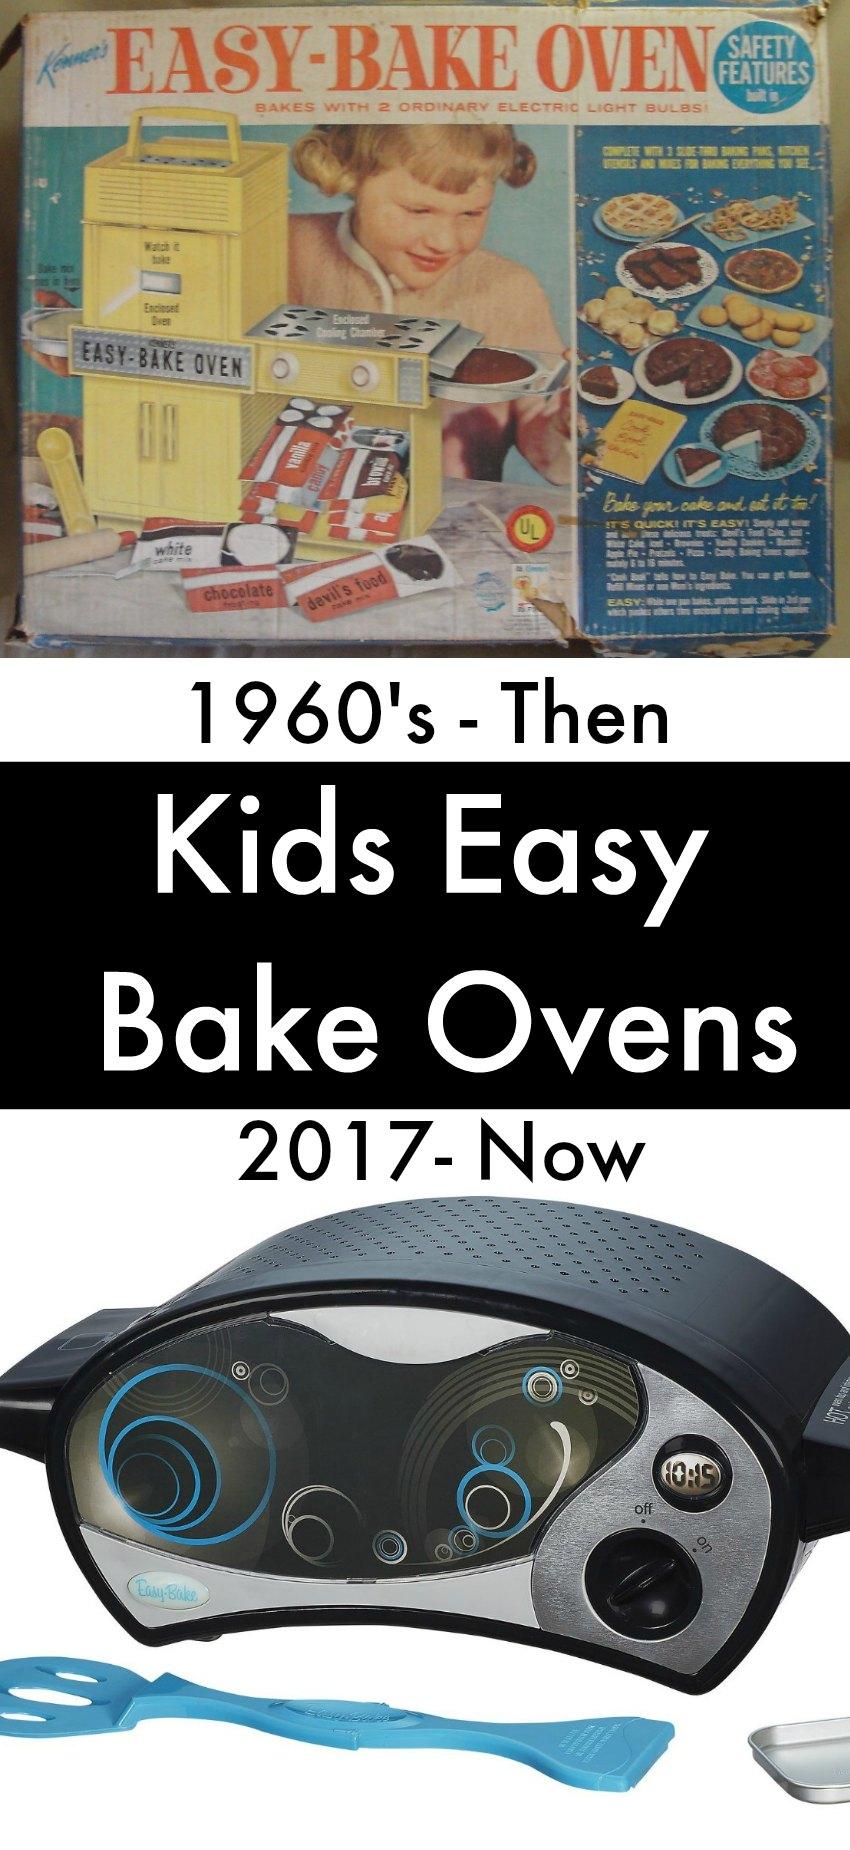 Kids Easy Bake Ovens